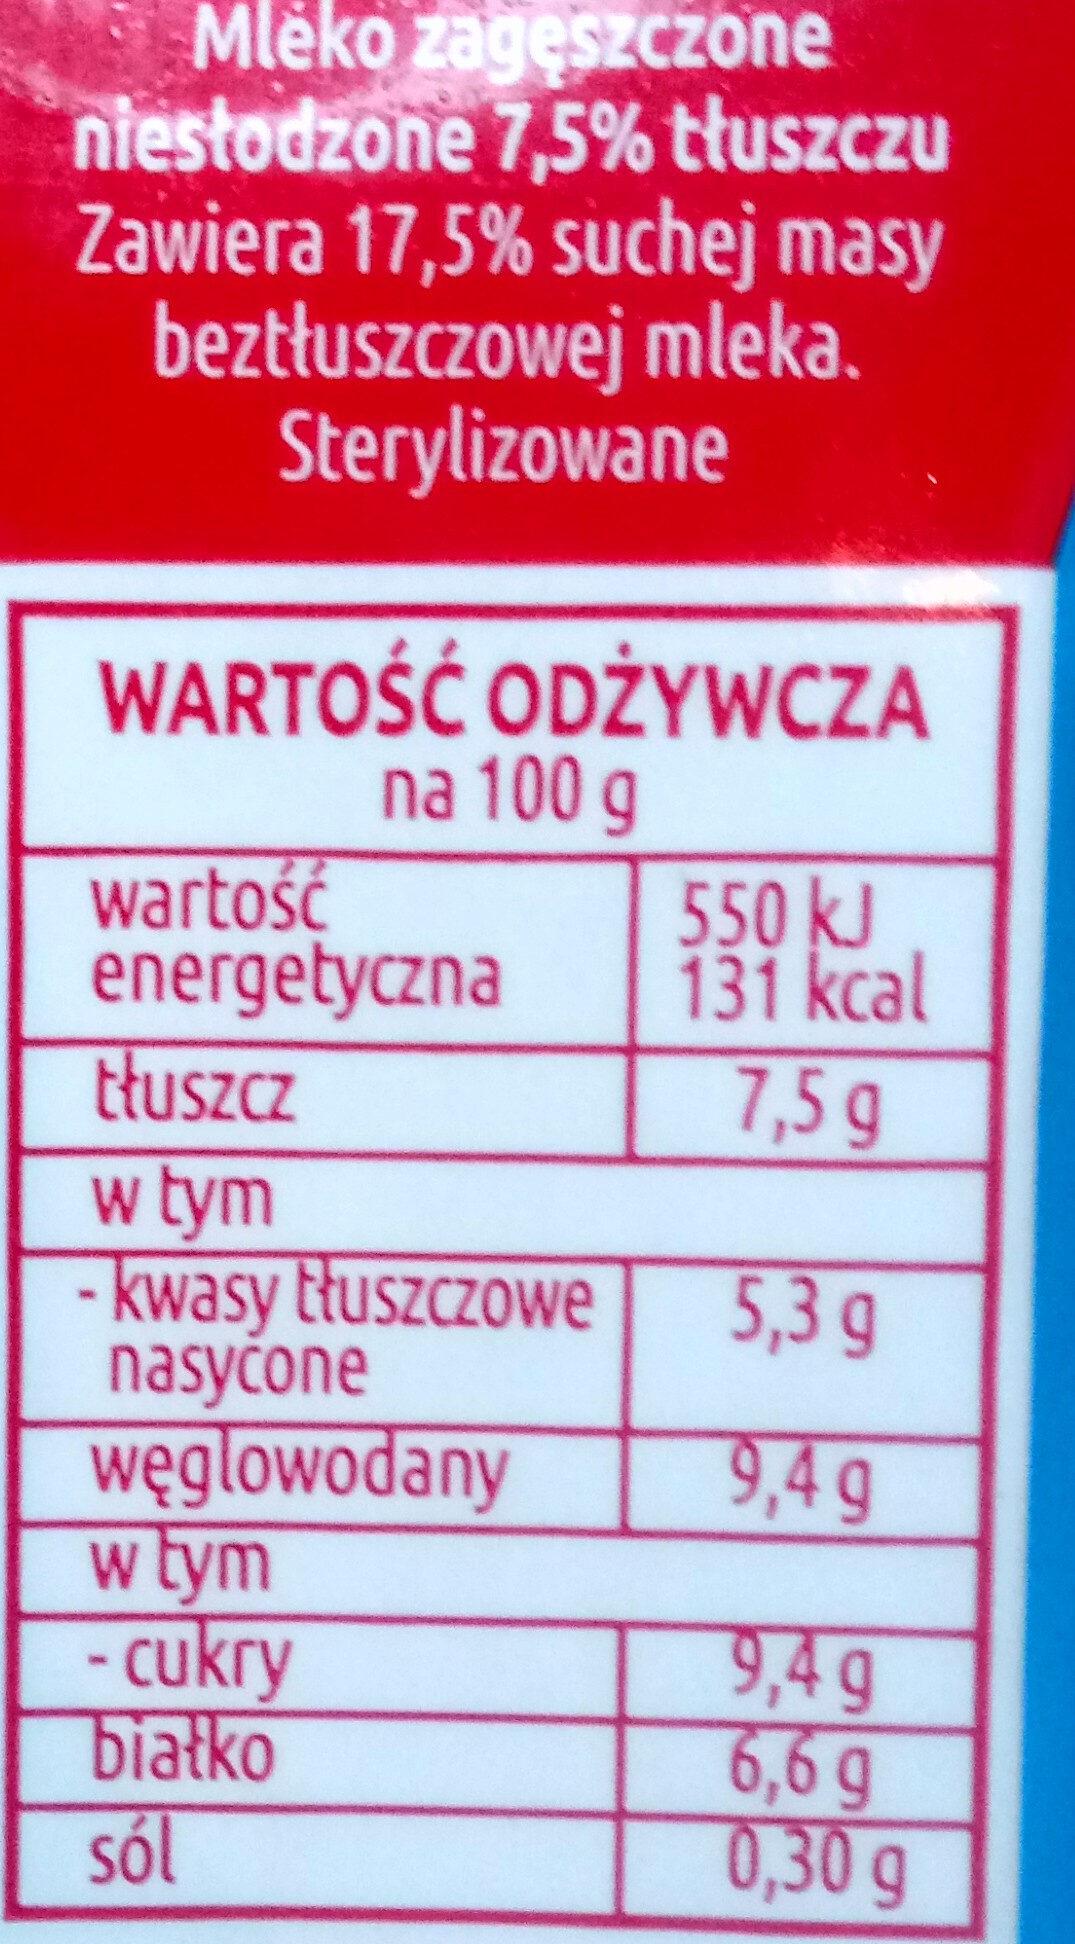 Mleko zagęszczone niesłodzone 7,5% tłuszczu - Wartości odżywcze - pl